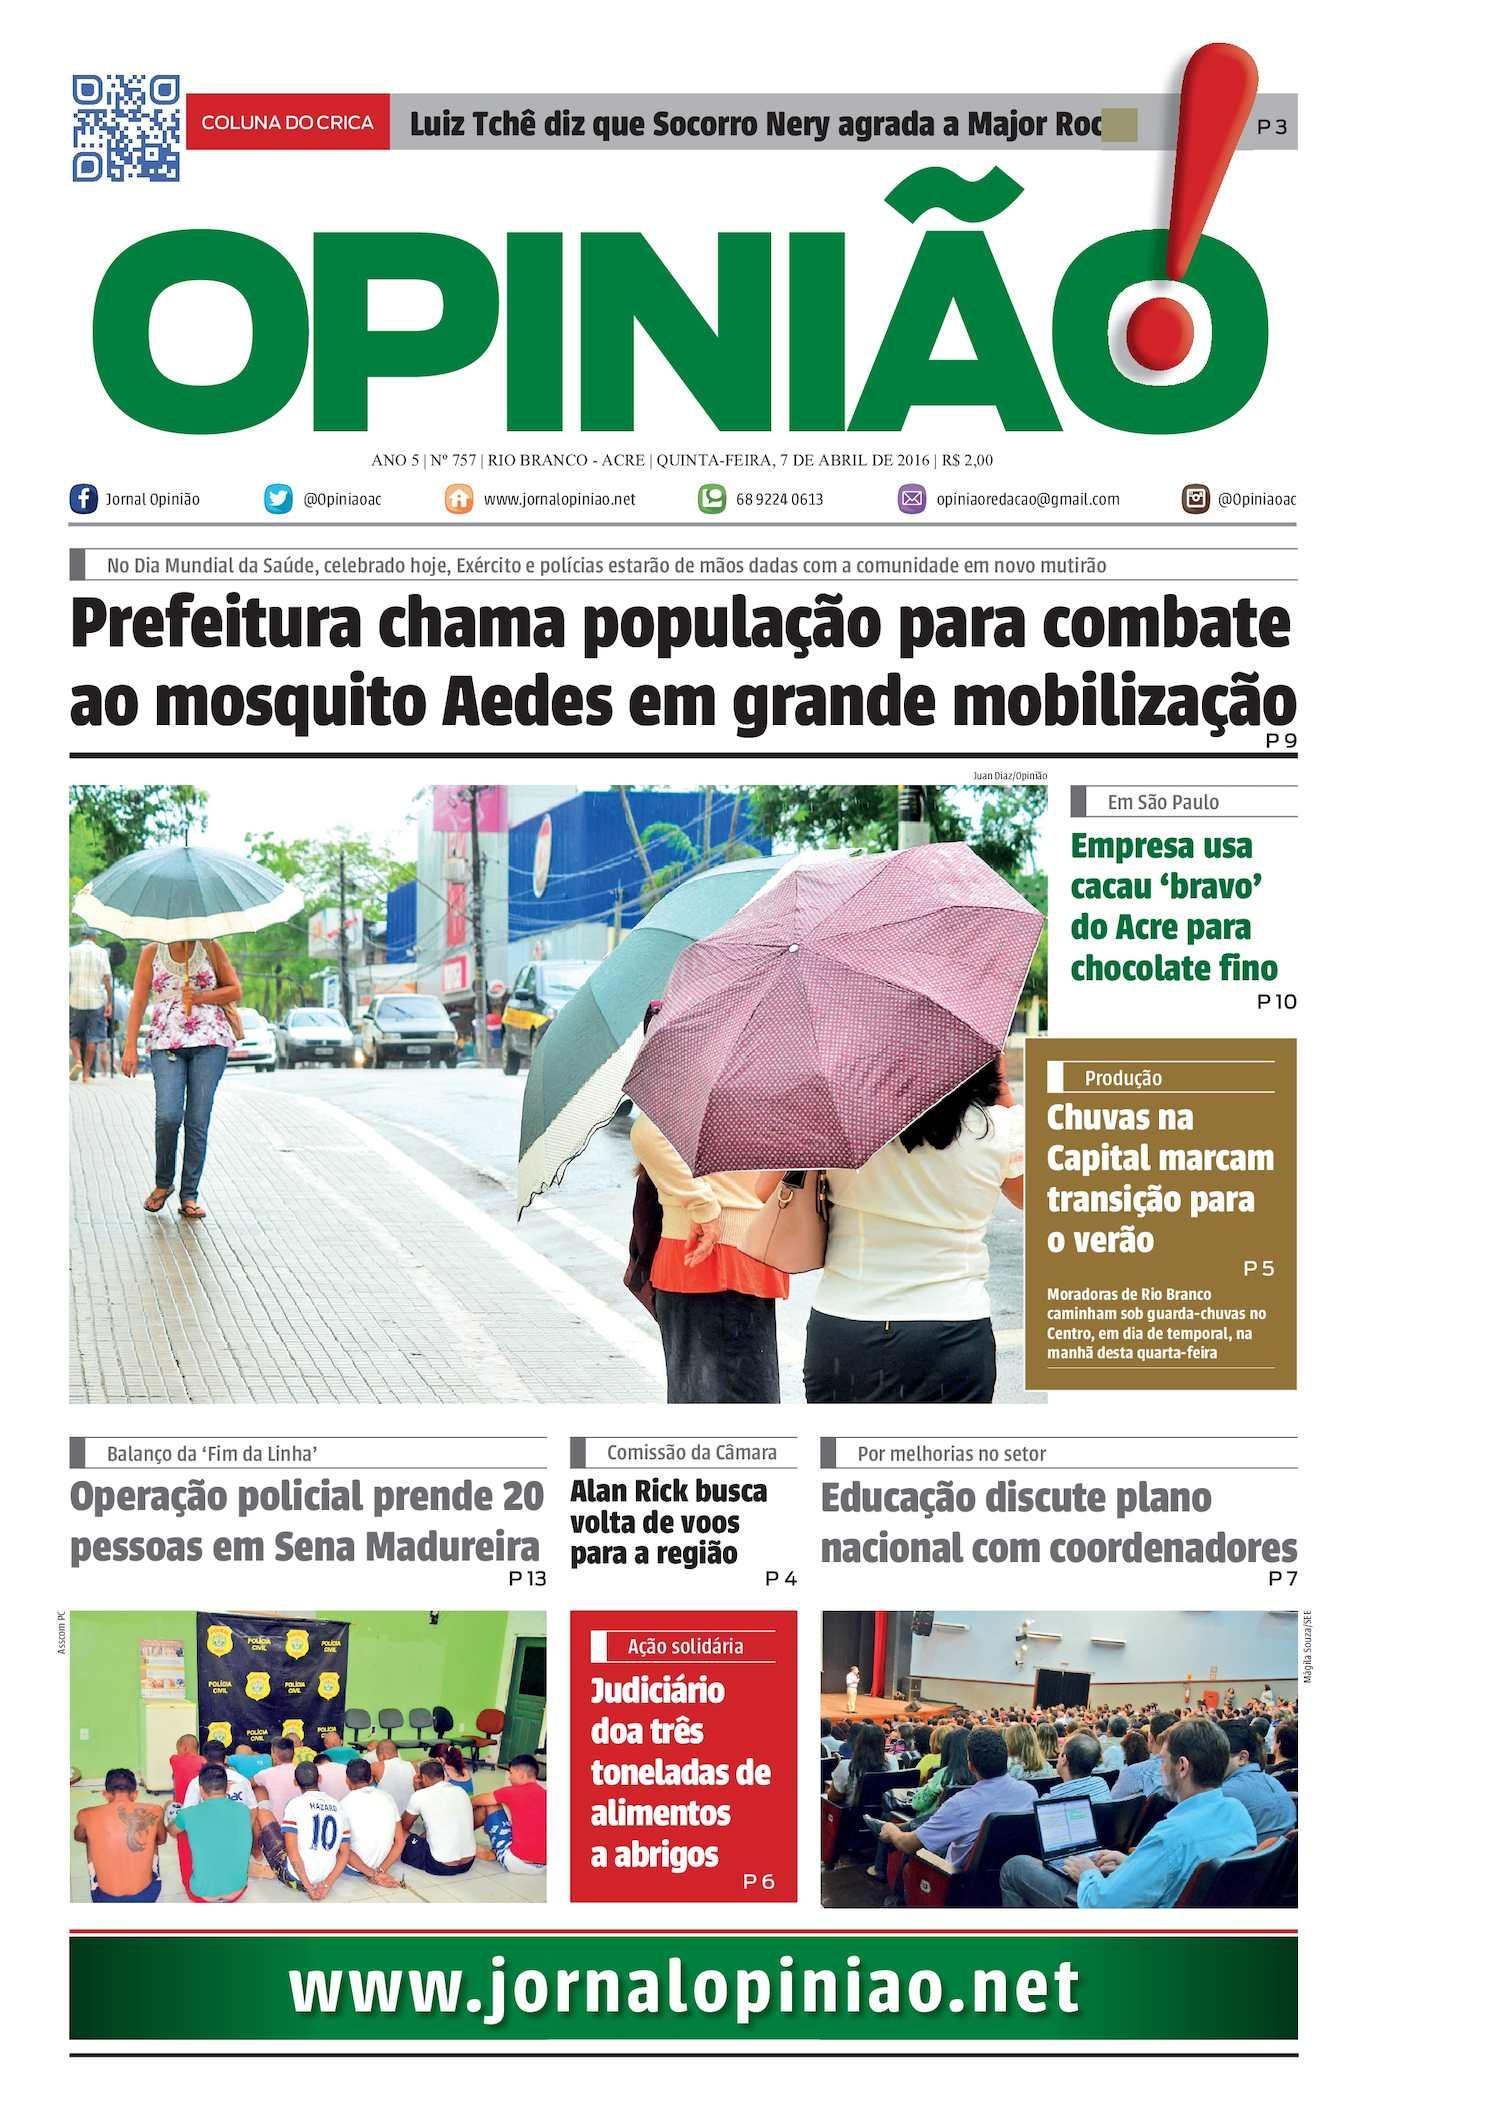 Calaméo - Jornal Opinião - Edição 757 fa6f37c7d8e1e